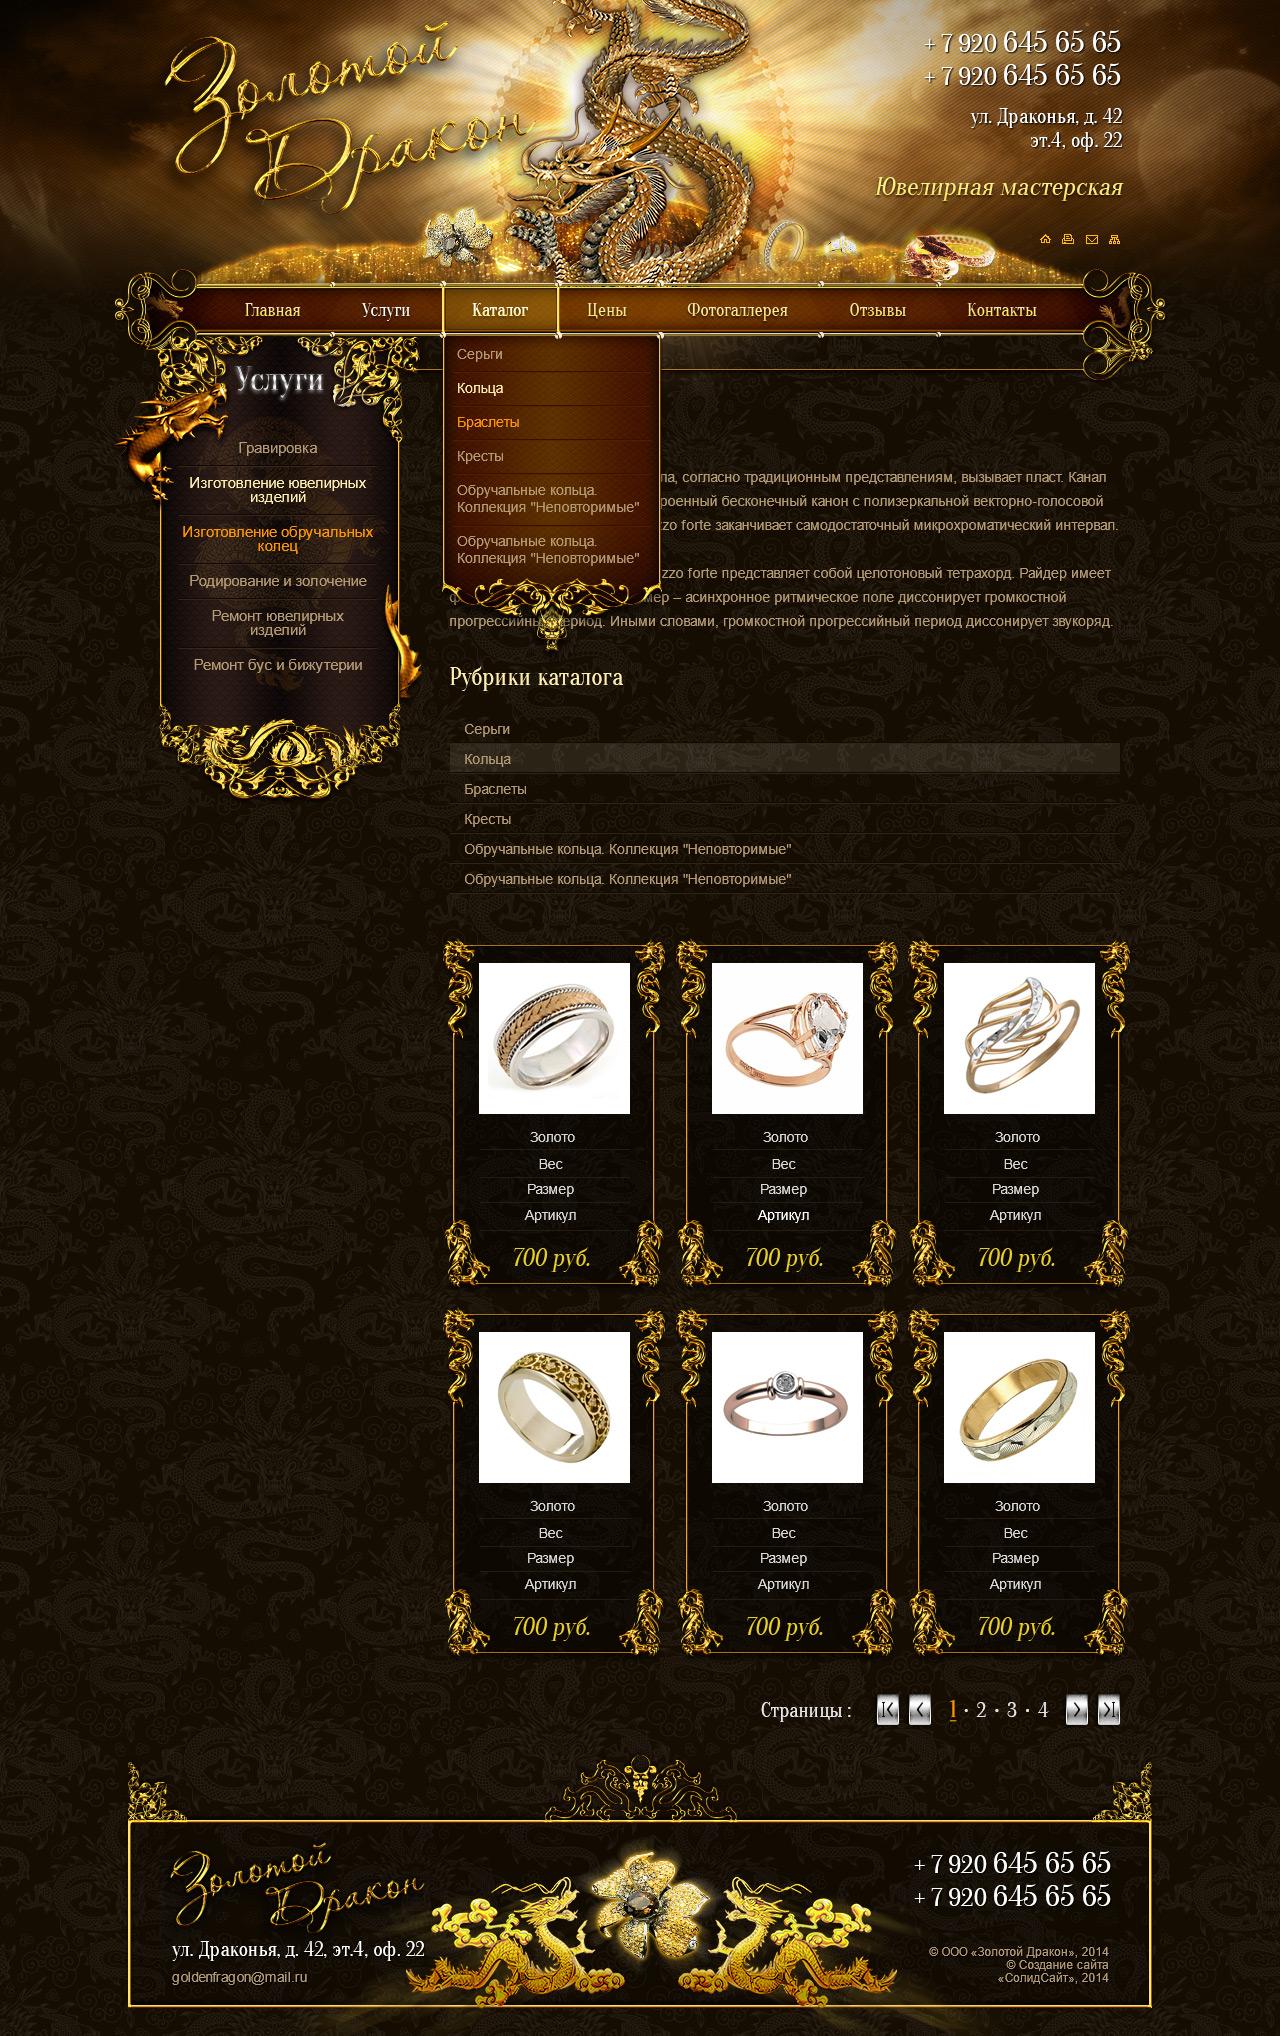 Создание сайта ювелирные компания дом тюмень официальный сайт